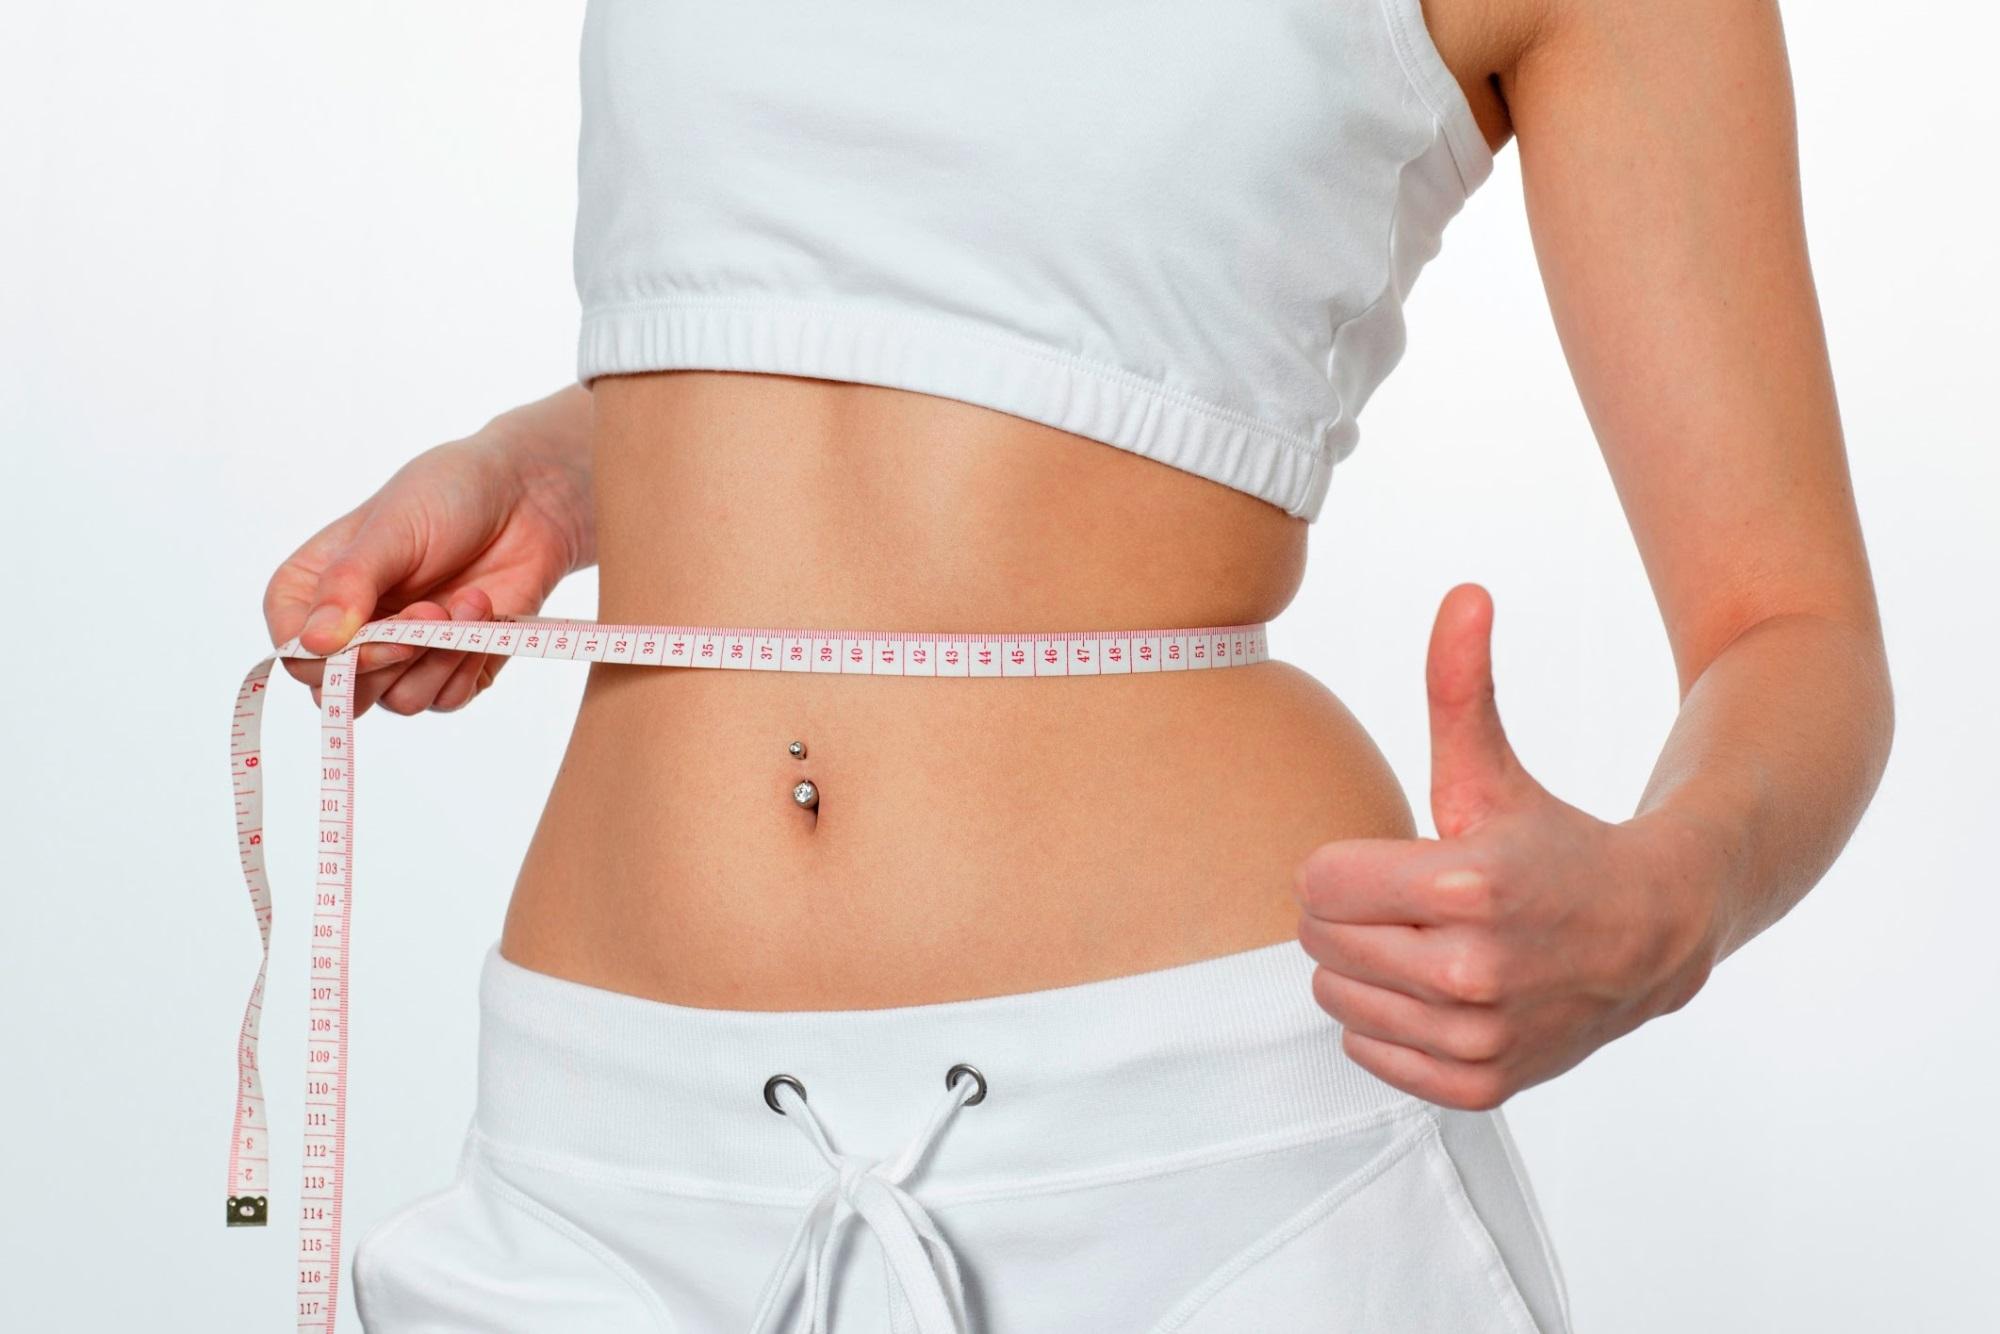 Cố gắng tập ăn cay, bạn sẽ nhận về những lợi ích sức khỏe kì diệu - Ảnh 8